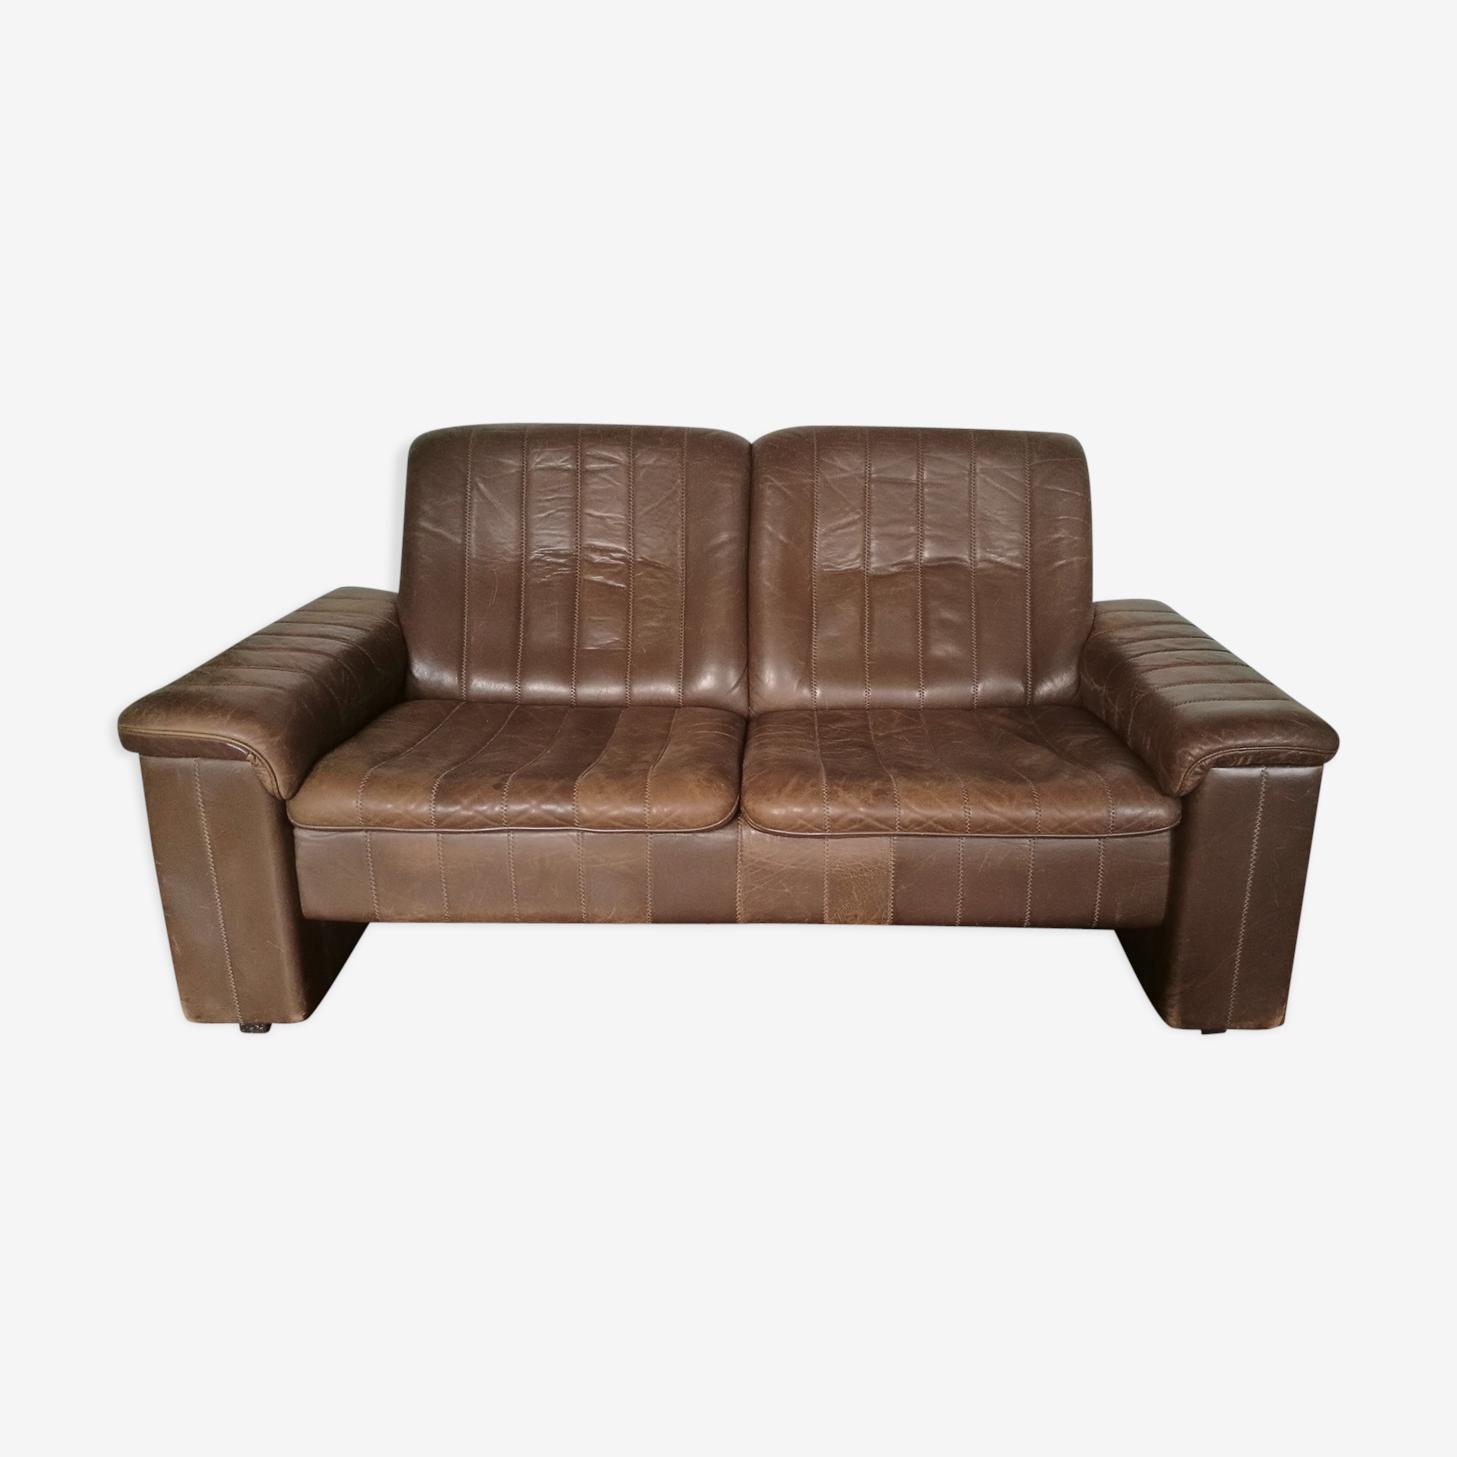 Canapé cuir 2 places De Sede 1970